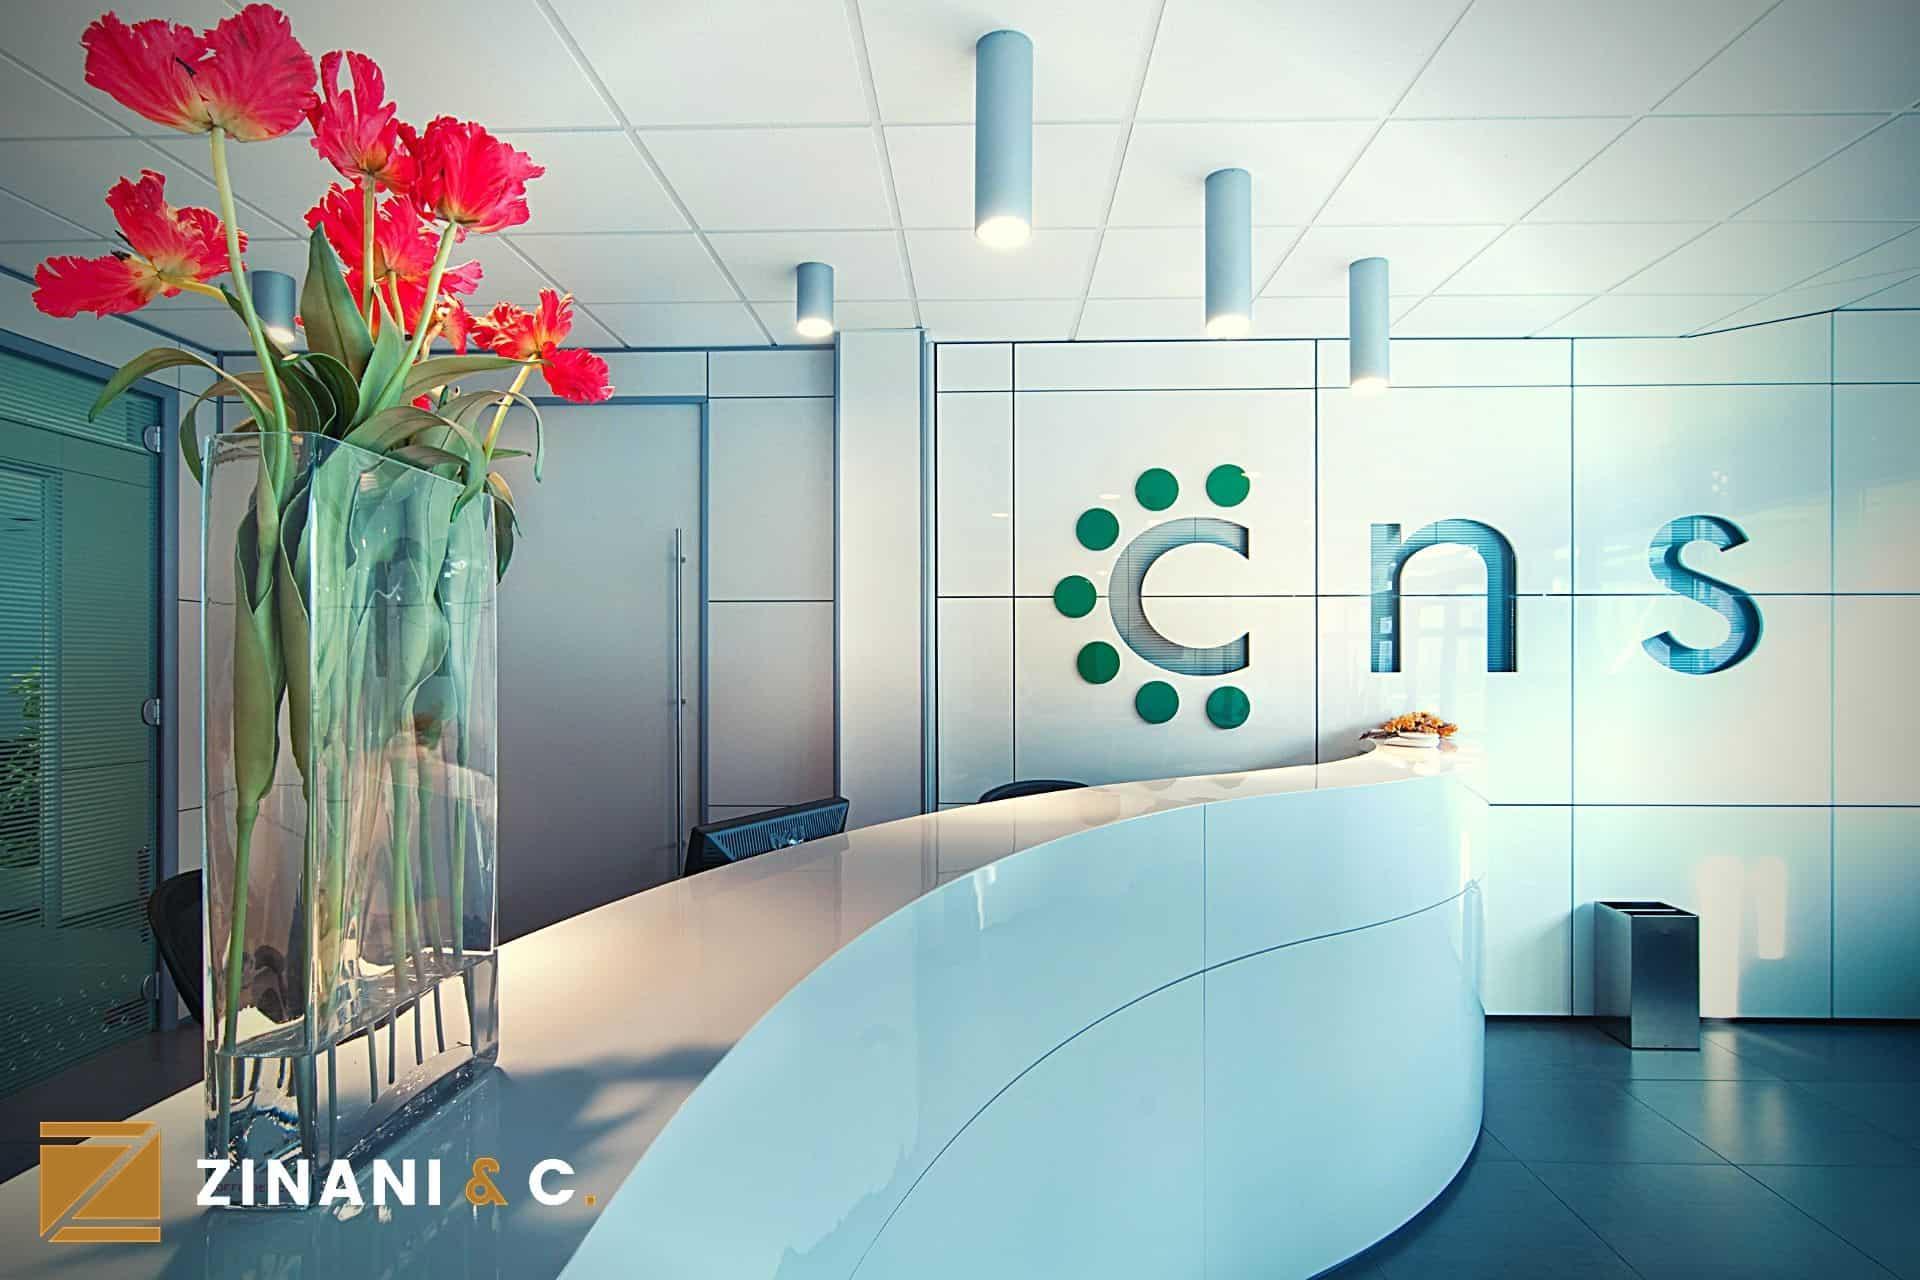 Ufficio direzionale del CNS: luce, curve ed eleganza